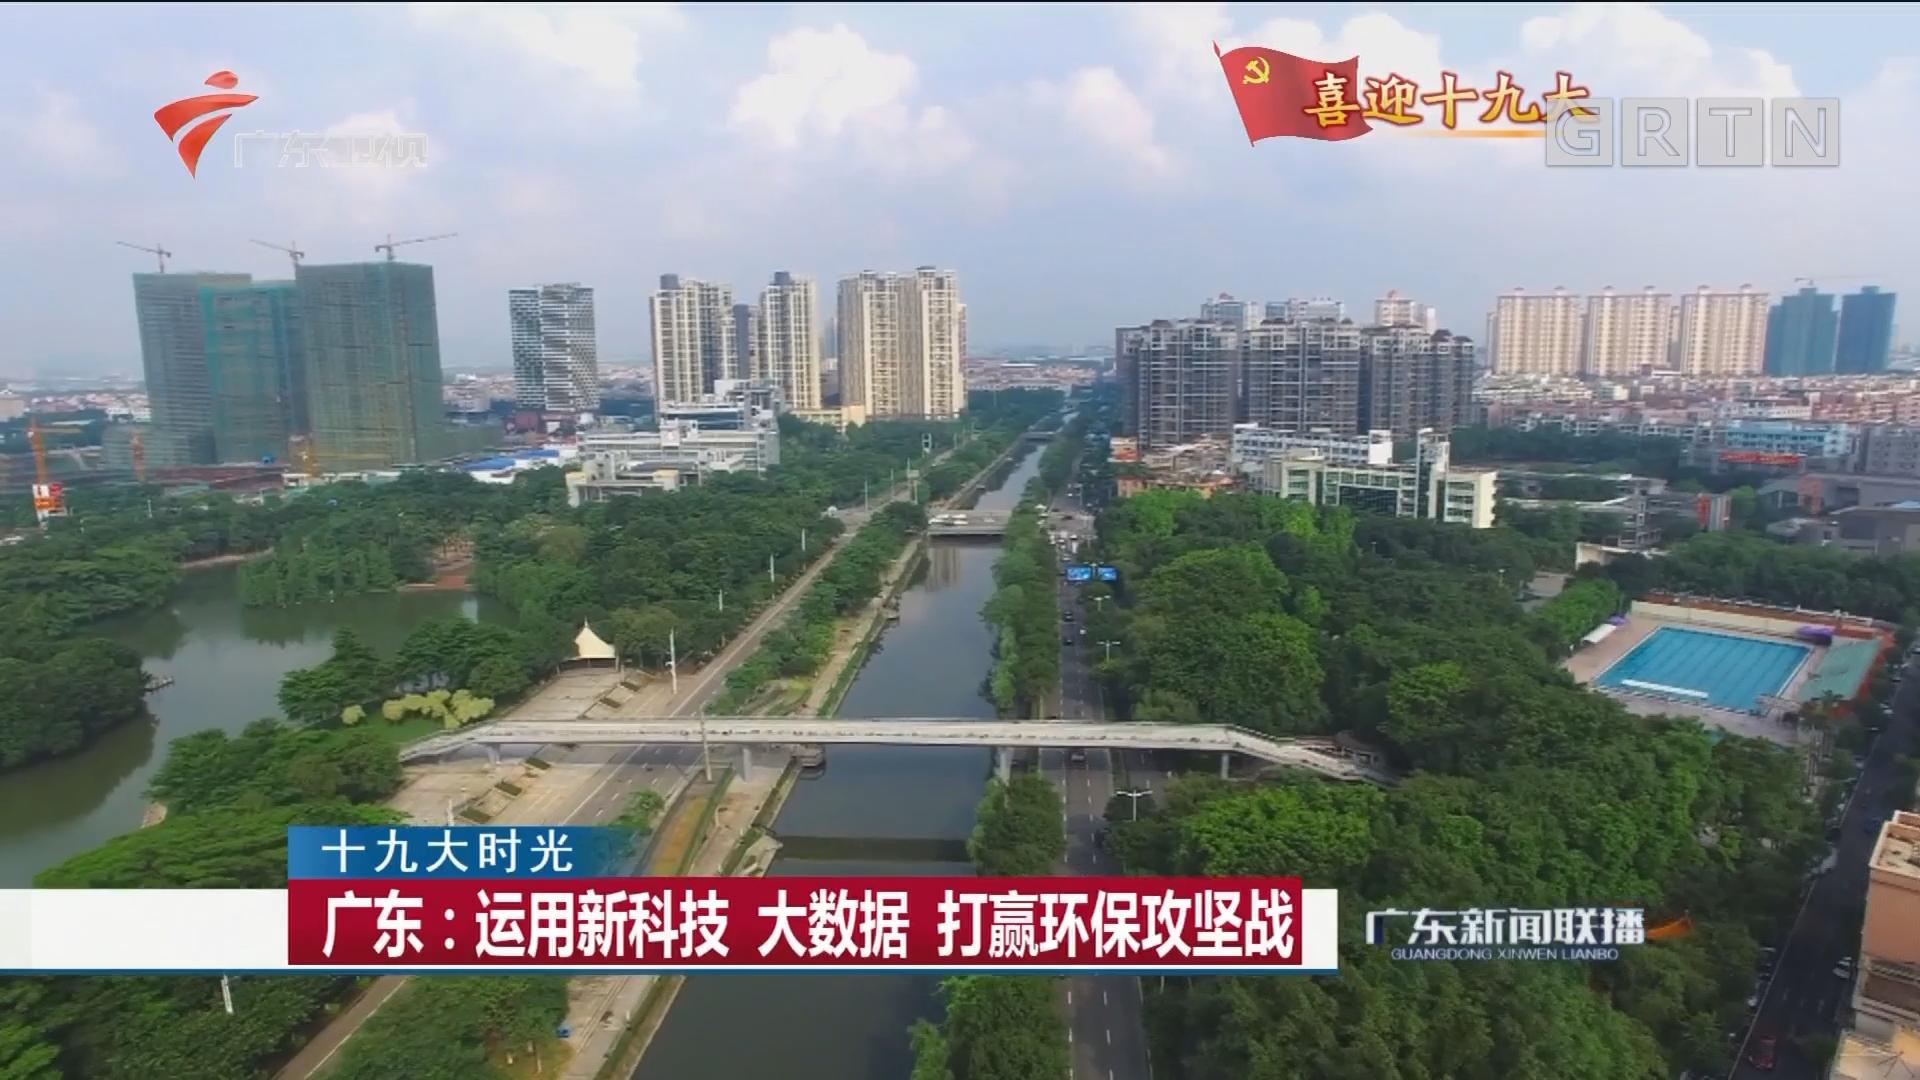 广东:运用新科技 大数据 打赢环保攻坚战